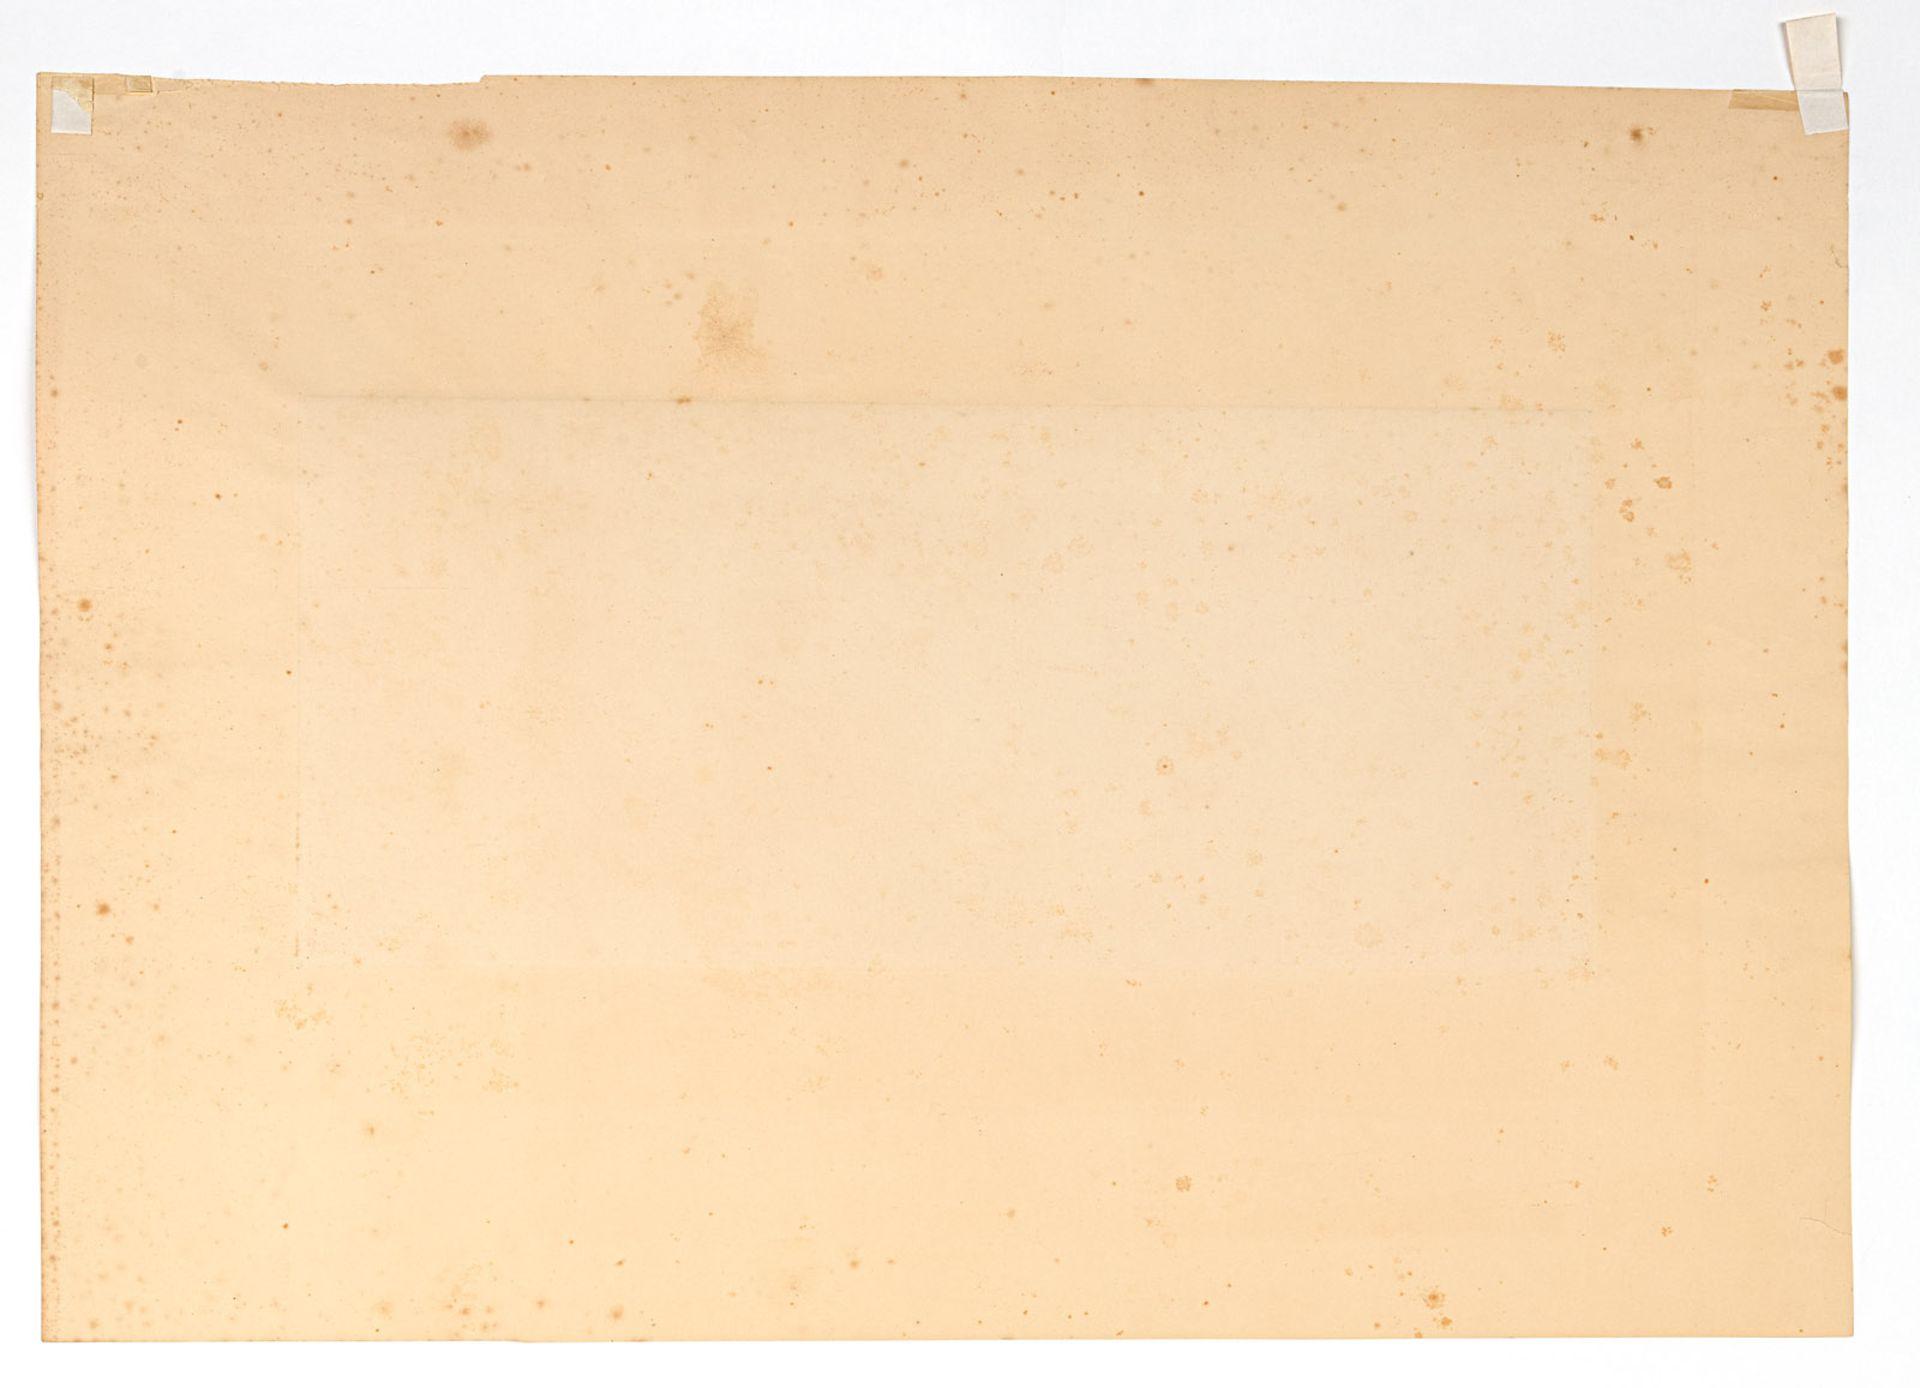 Greiner, Otto - Image 3 of 3